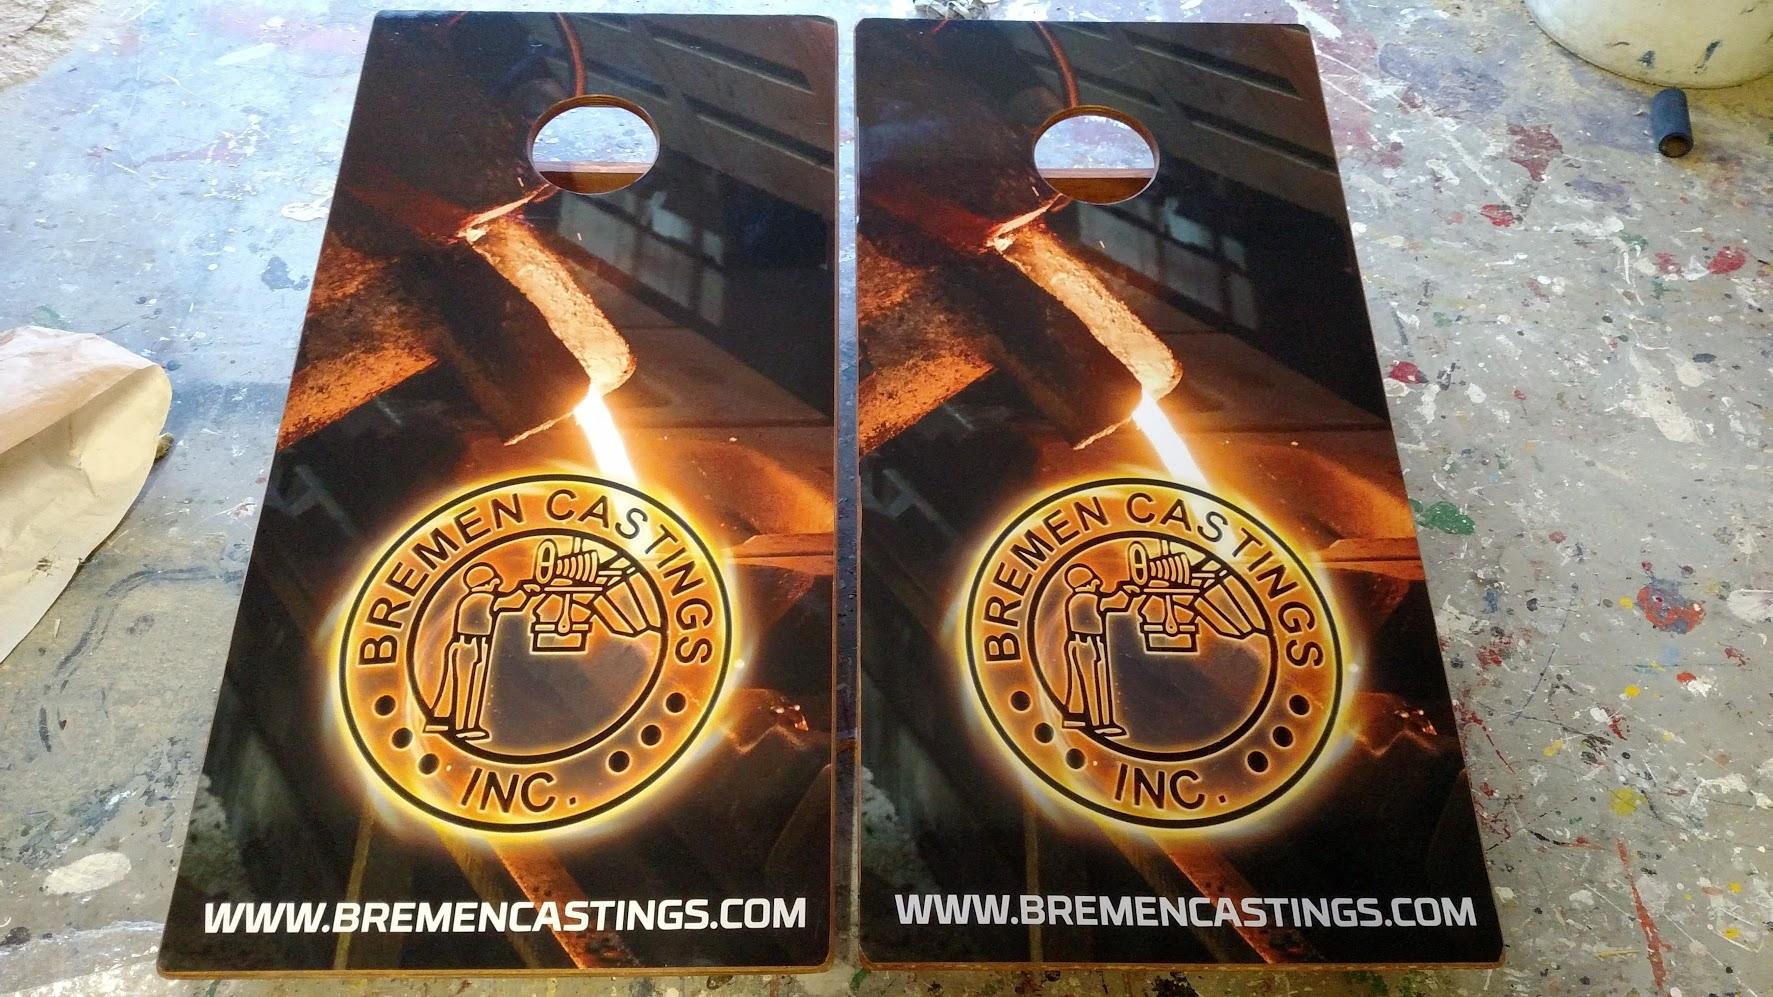 Breman Casting Cornhole Board Wraps